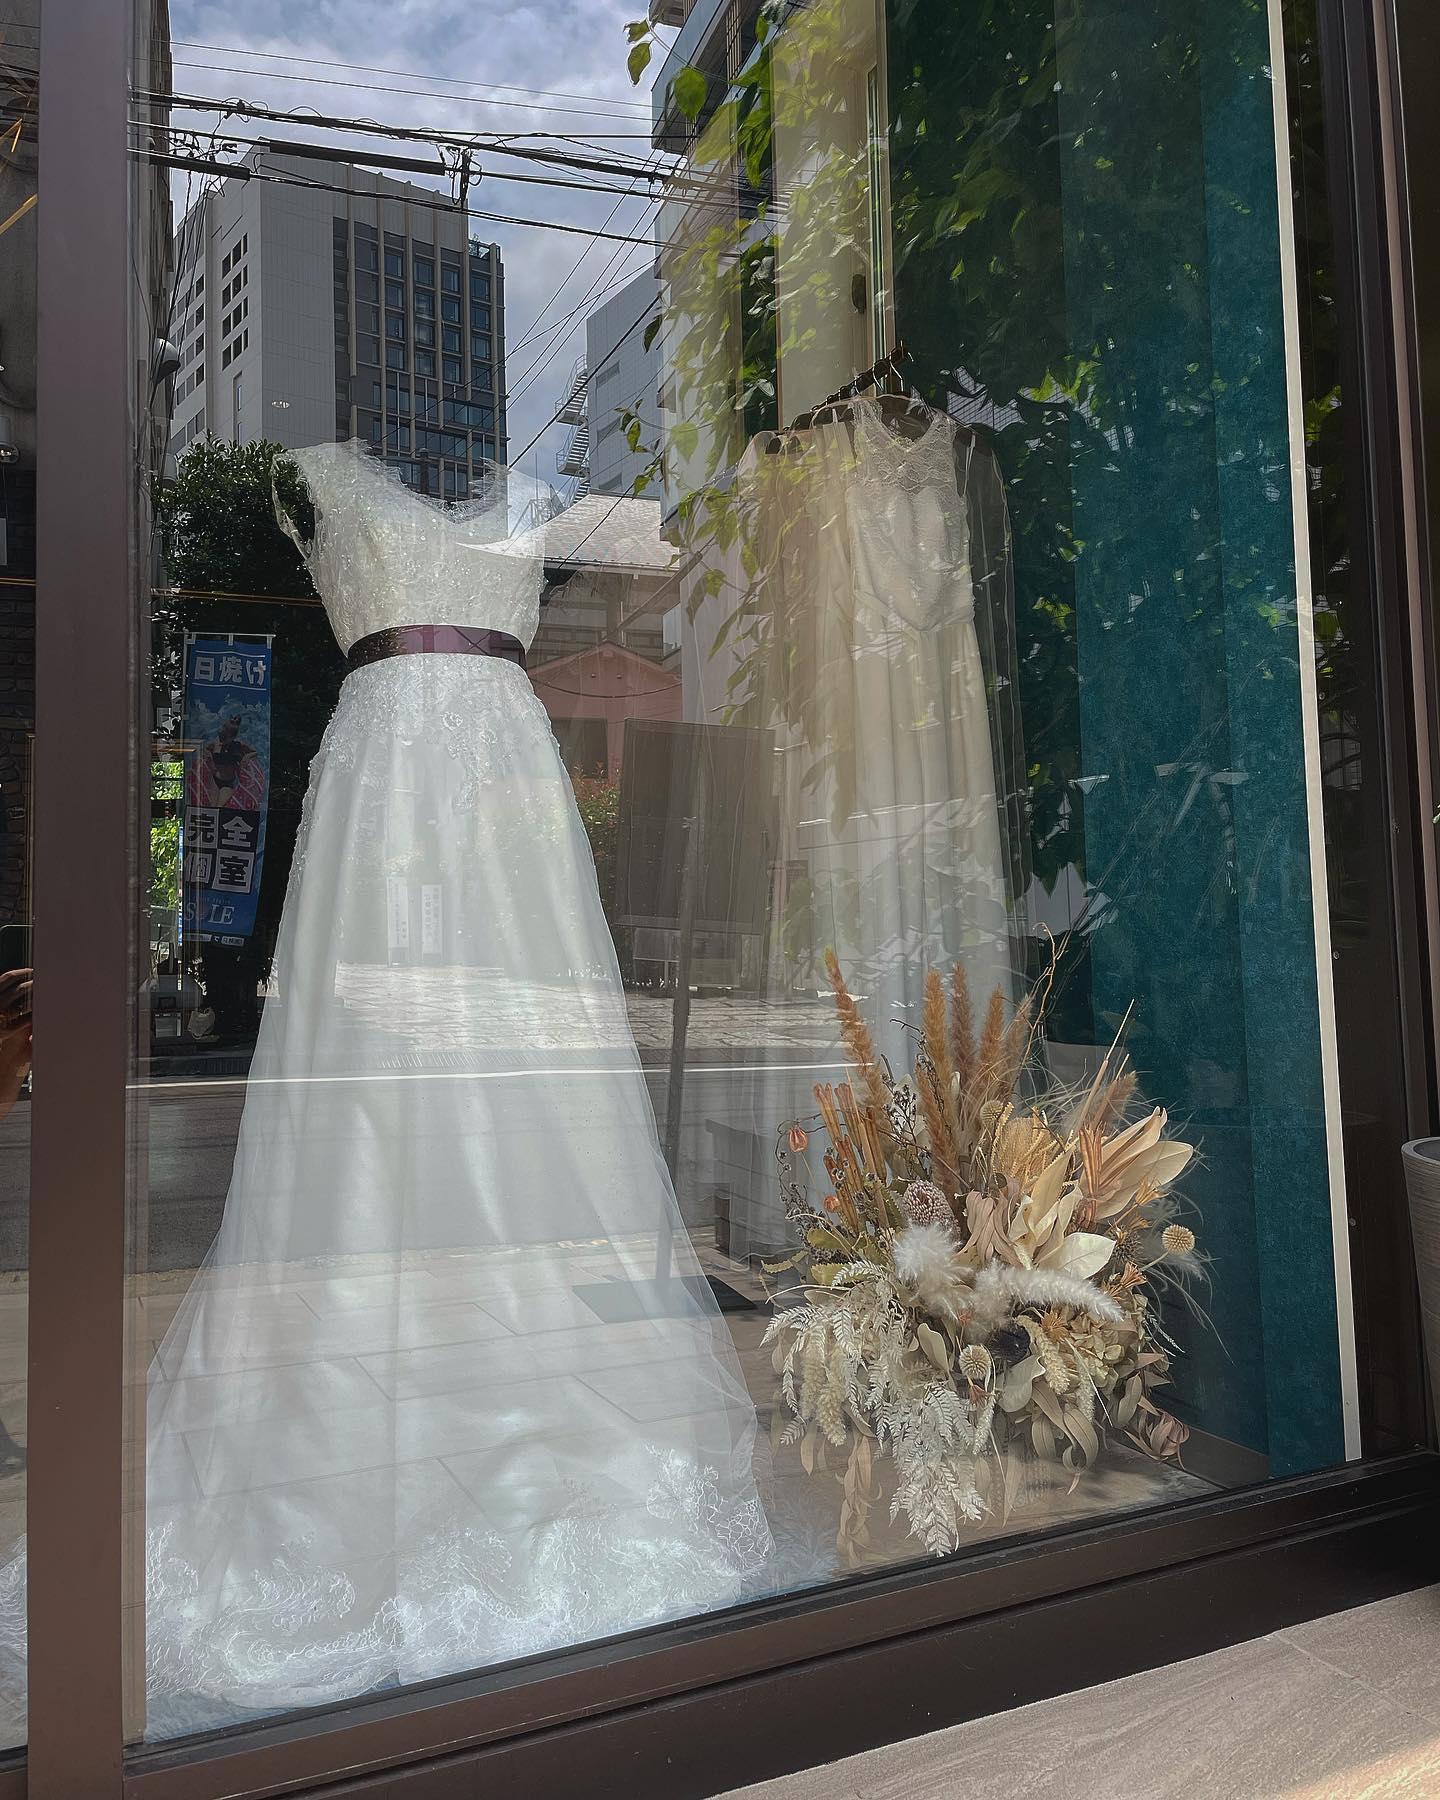 """🕊Claras ショーウィンドウ 🕊・本日はシンプルなVネックのドレスにover dressをレイヤード・ボルドーのサッシュベルトでよりクラス感をプラス・少しずつ自分らしい足し算をして""""なりたい花嫁""""に近付けます♀️・""""DALILA""""購入価格¥160,000""""over dress""""購入価格¥90,000・#wedding #weddingdress #instagood #instalike #claras #ウェディングドレス #プレ花嫁 #ドレス試着 #ドレス迷子#2021夏婚 #2021冬婚 #ヘアメイク #結婚式  #ドレス選び #前撮り #インポートドレス #フォトウェディング #ウェディングヘア  #フォト婚 #ニューノーマル #ブライダルフォト #カップルフォト #ウェディングドレス探し #ウェディングドレス試着 #セルドレス #ドレスショップ #バウリニューアル #運命のドレス #小顔効果 #スタイルアップ"""